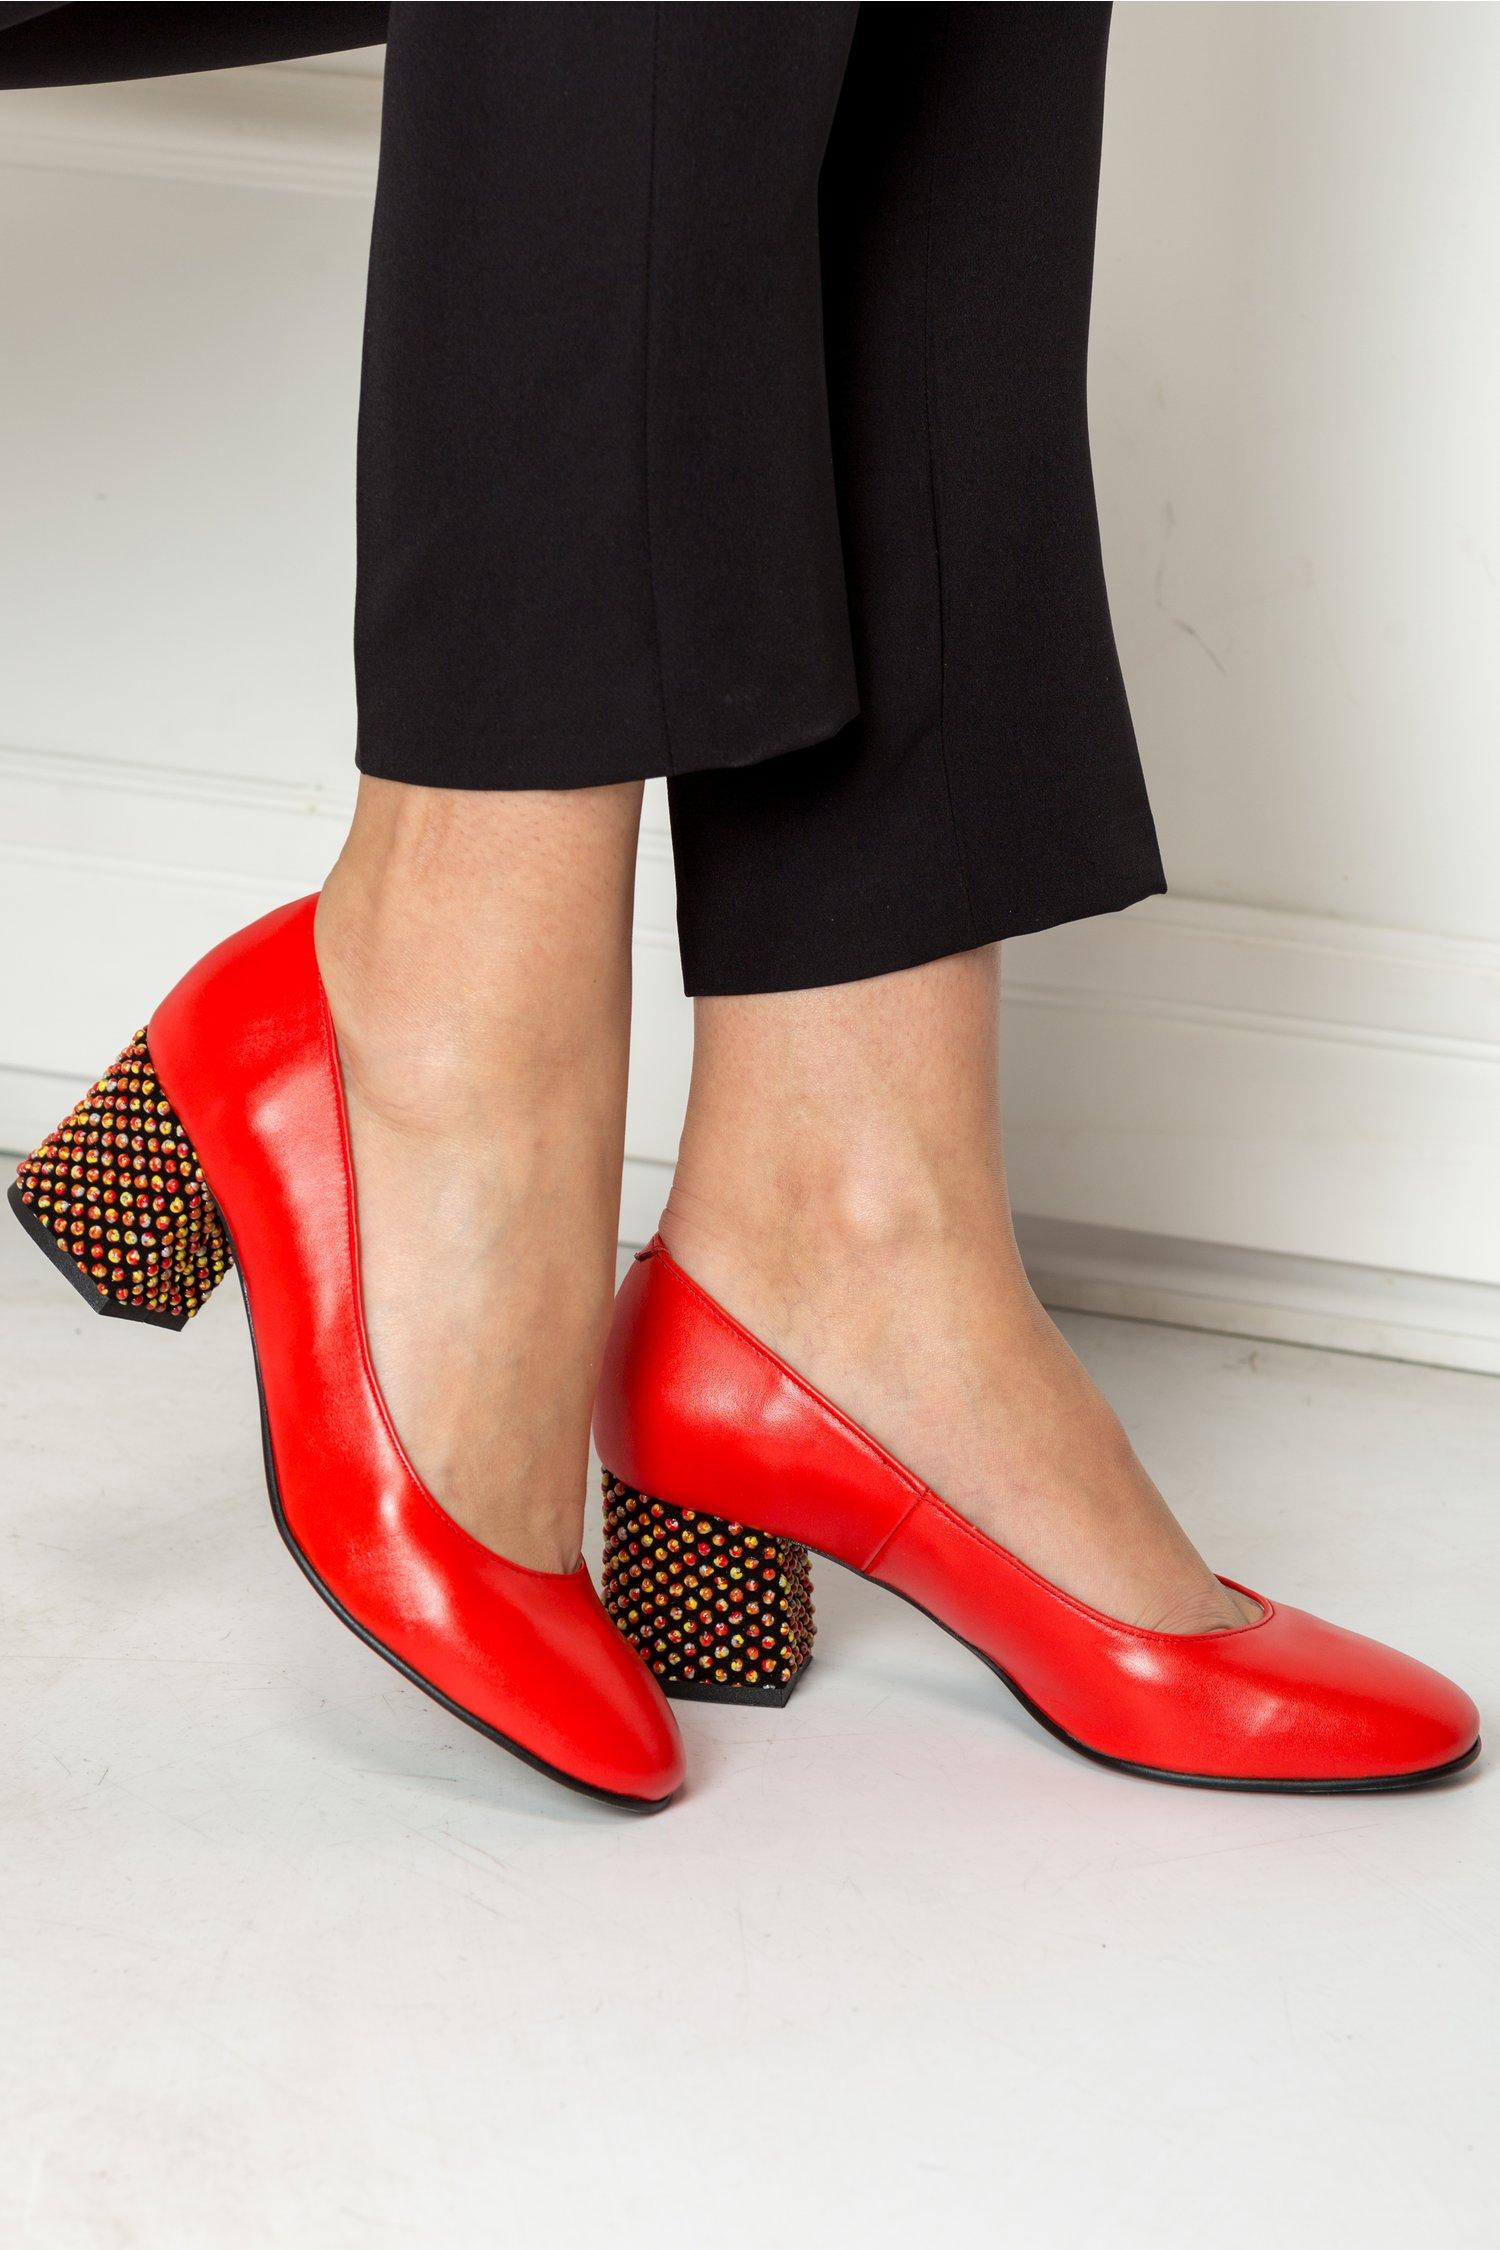 Pantofi Dyan rosii cu toc galben elegant, colectia 2018